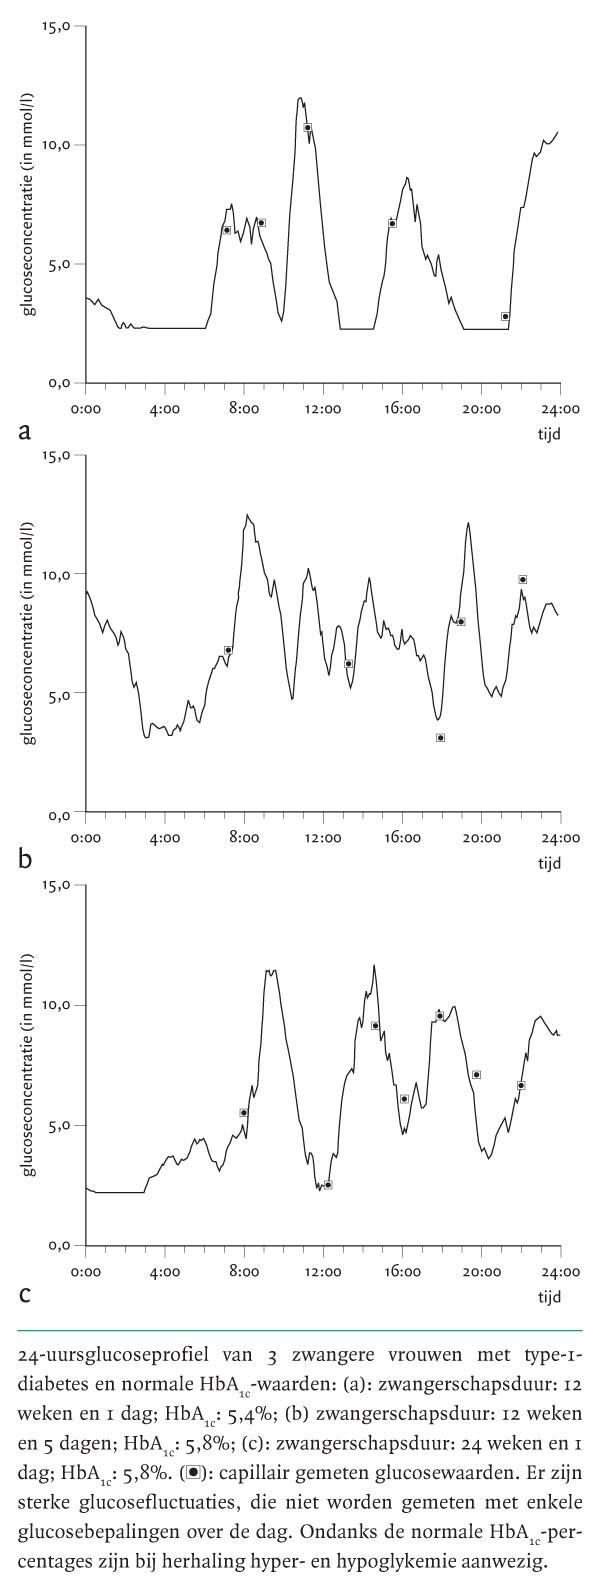 glucosawaarden tijdens zwangerschapsdiabetes